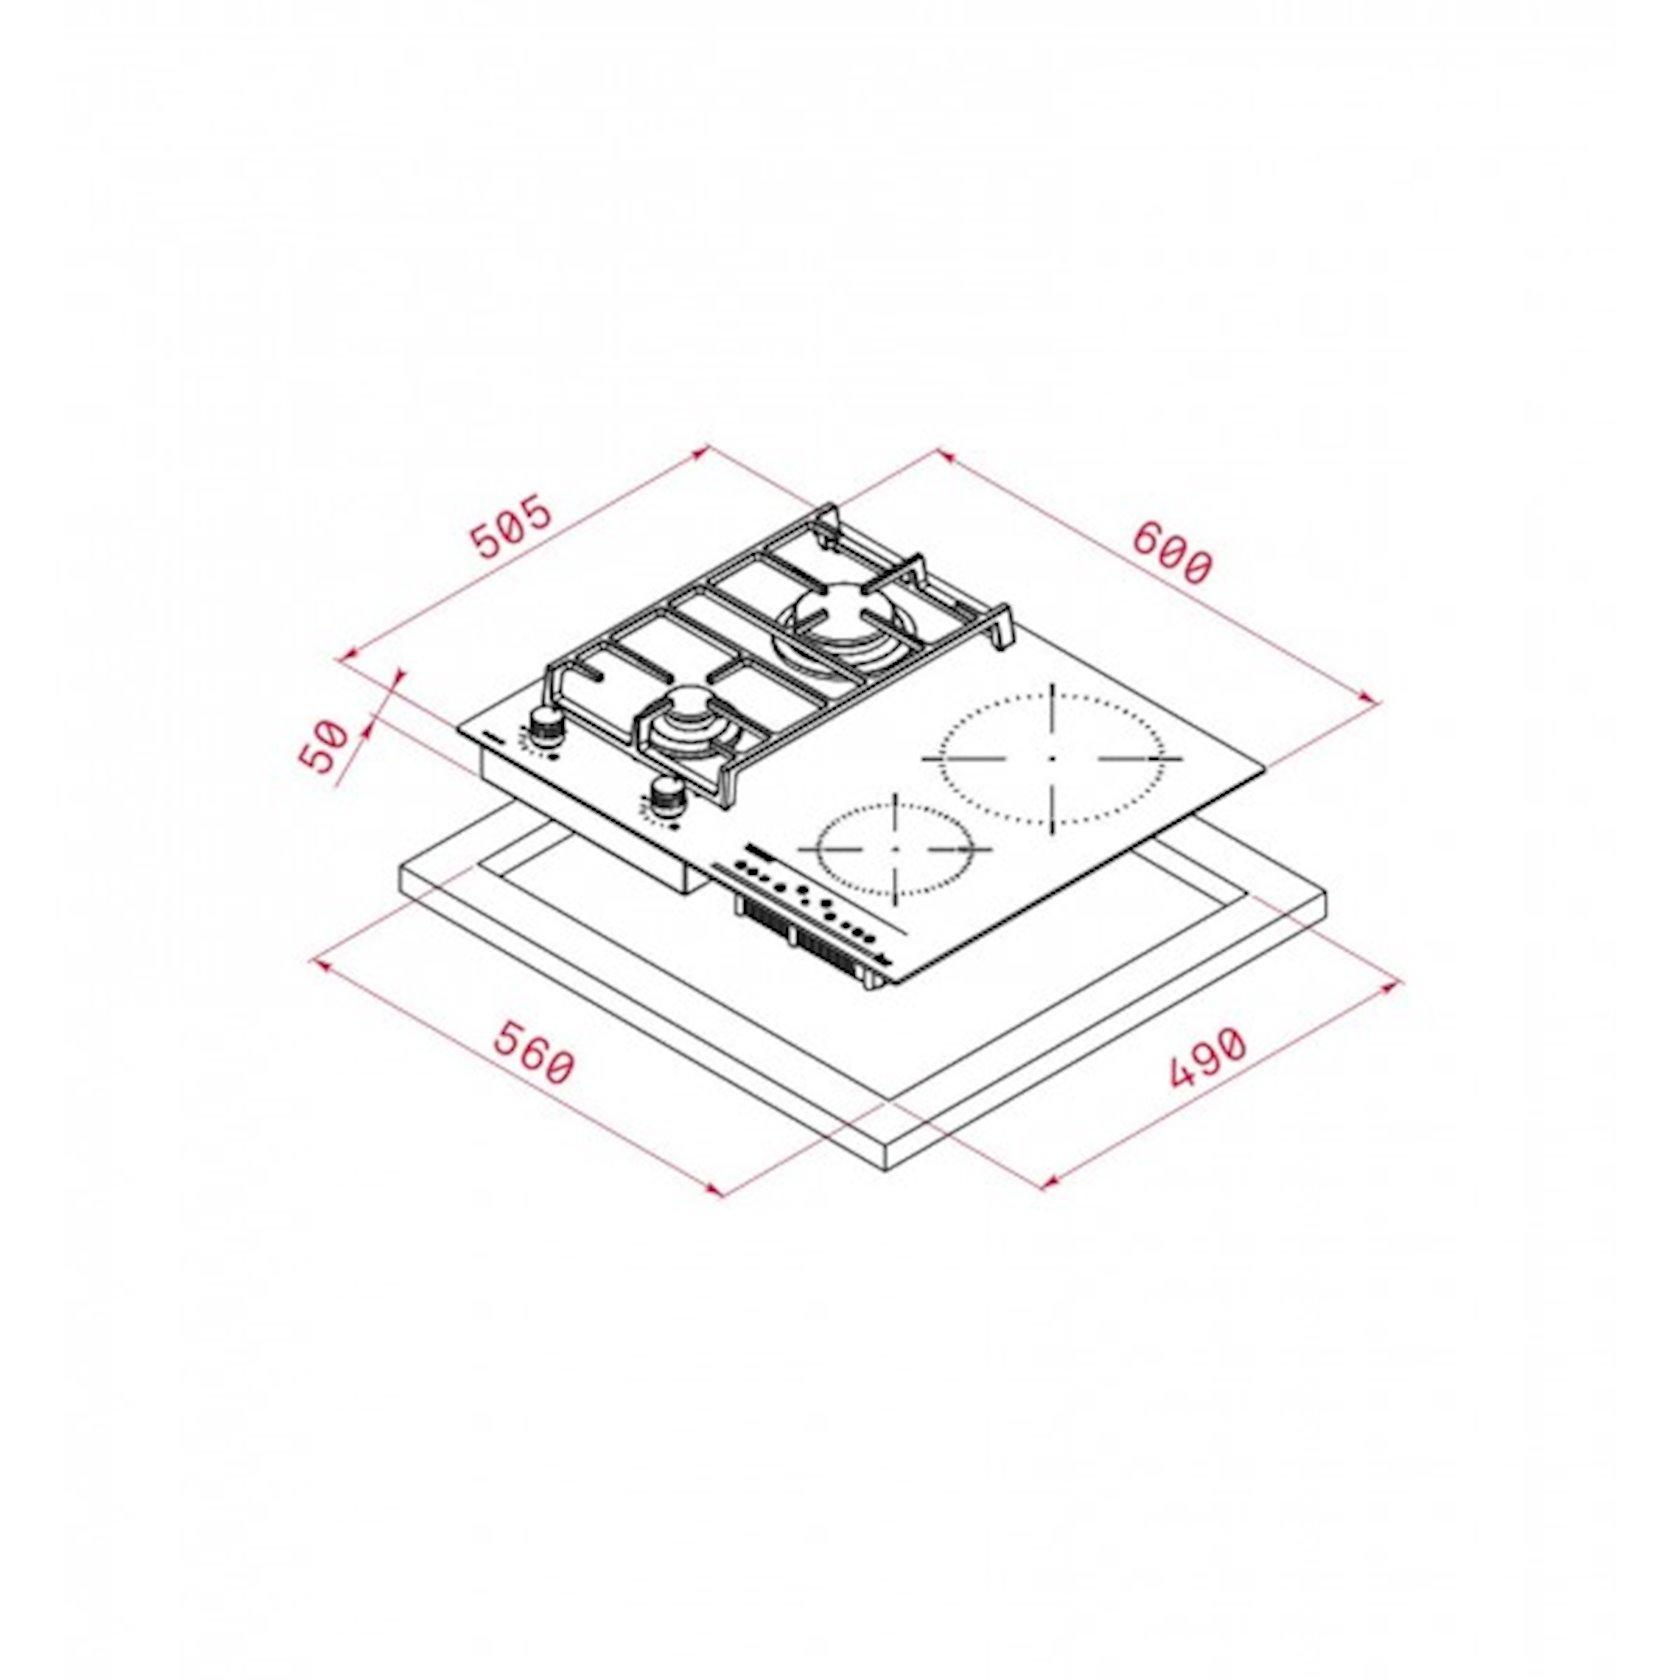 Bişirmə səthi Teka Twin IG 620 2G AI AL CI